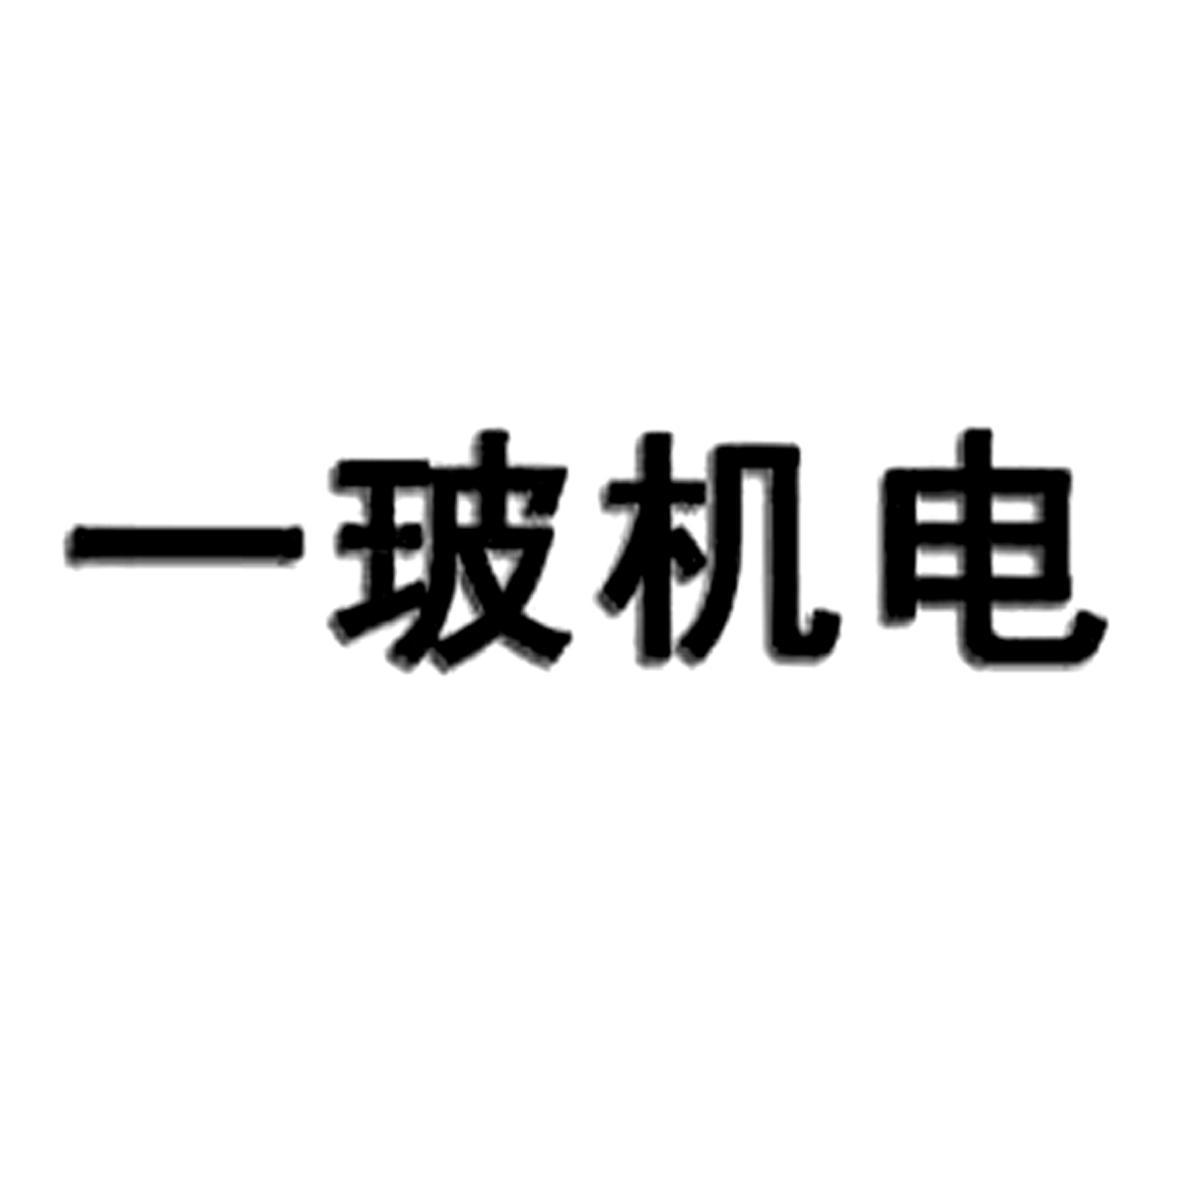 商标文字一玻机电商标注册号 16640655、商标申请人一玻机电有限公司的商标详情 - 爱淘标商标查询